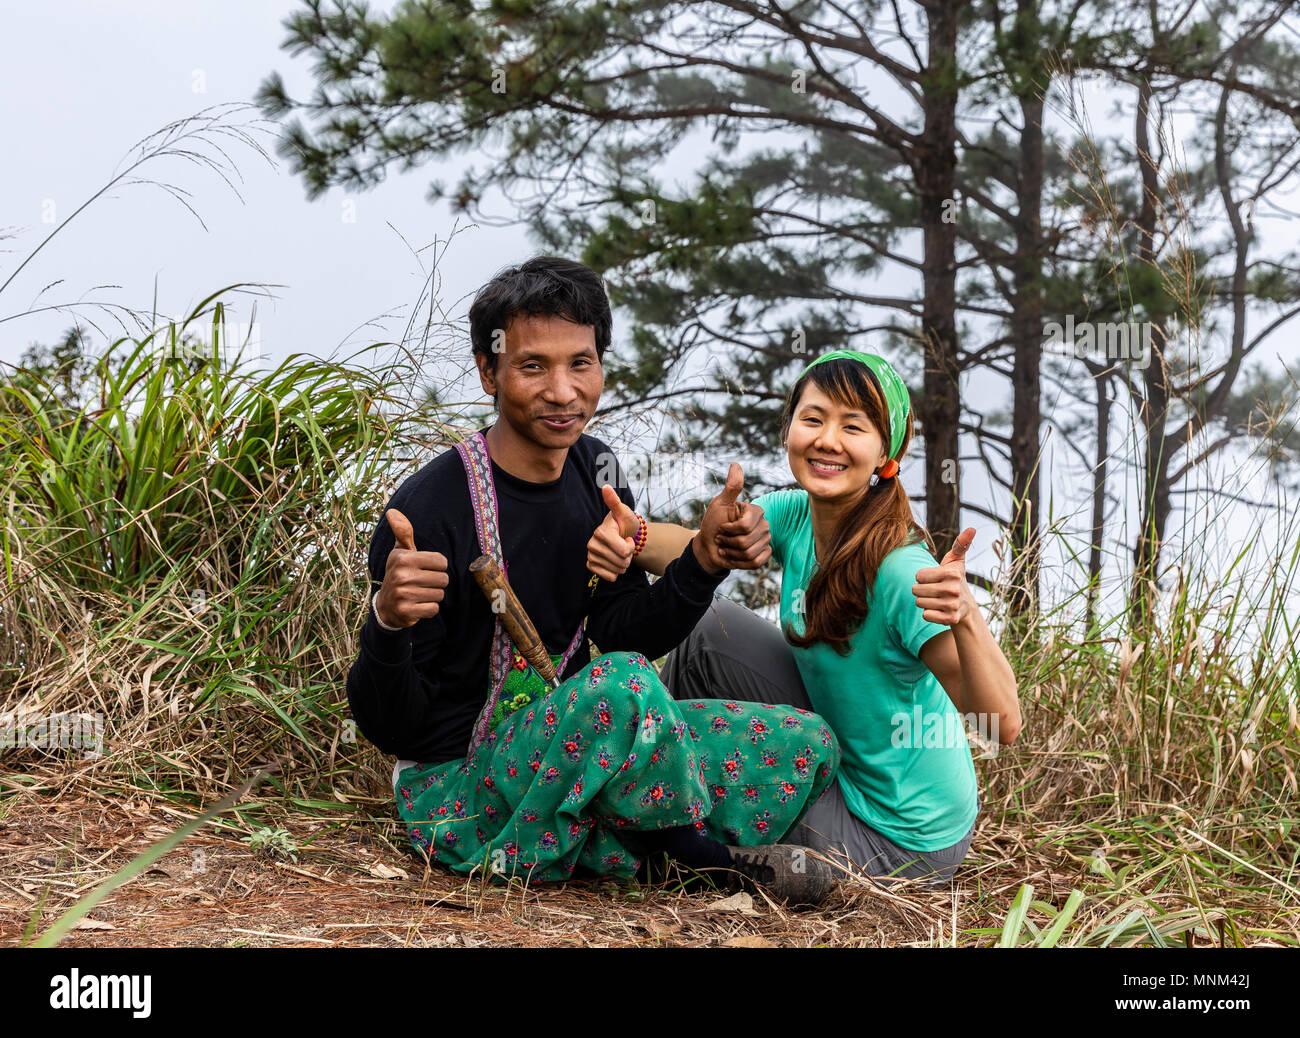 Thai hilltribe park ranger and trekker in Khun Chae National Park (อุทยานแห่งชาติขุนแจ) in Northern Thailand - Stock Image